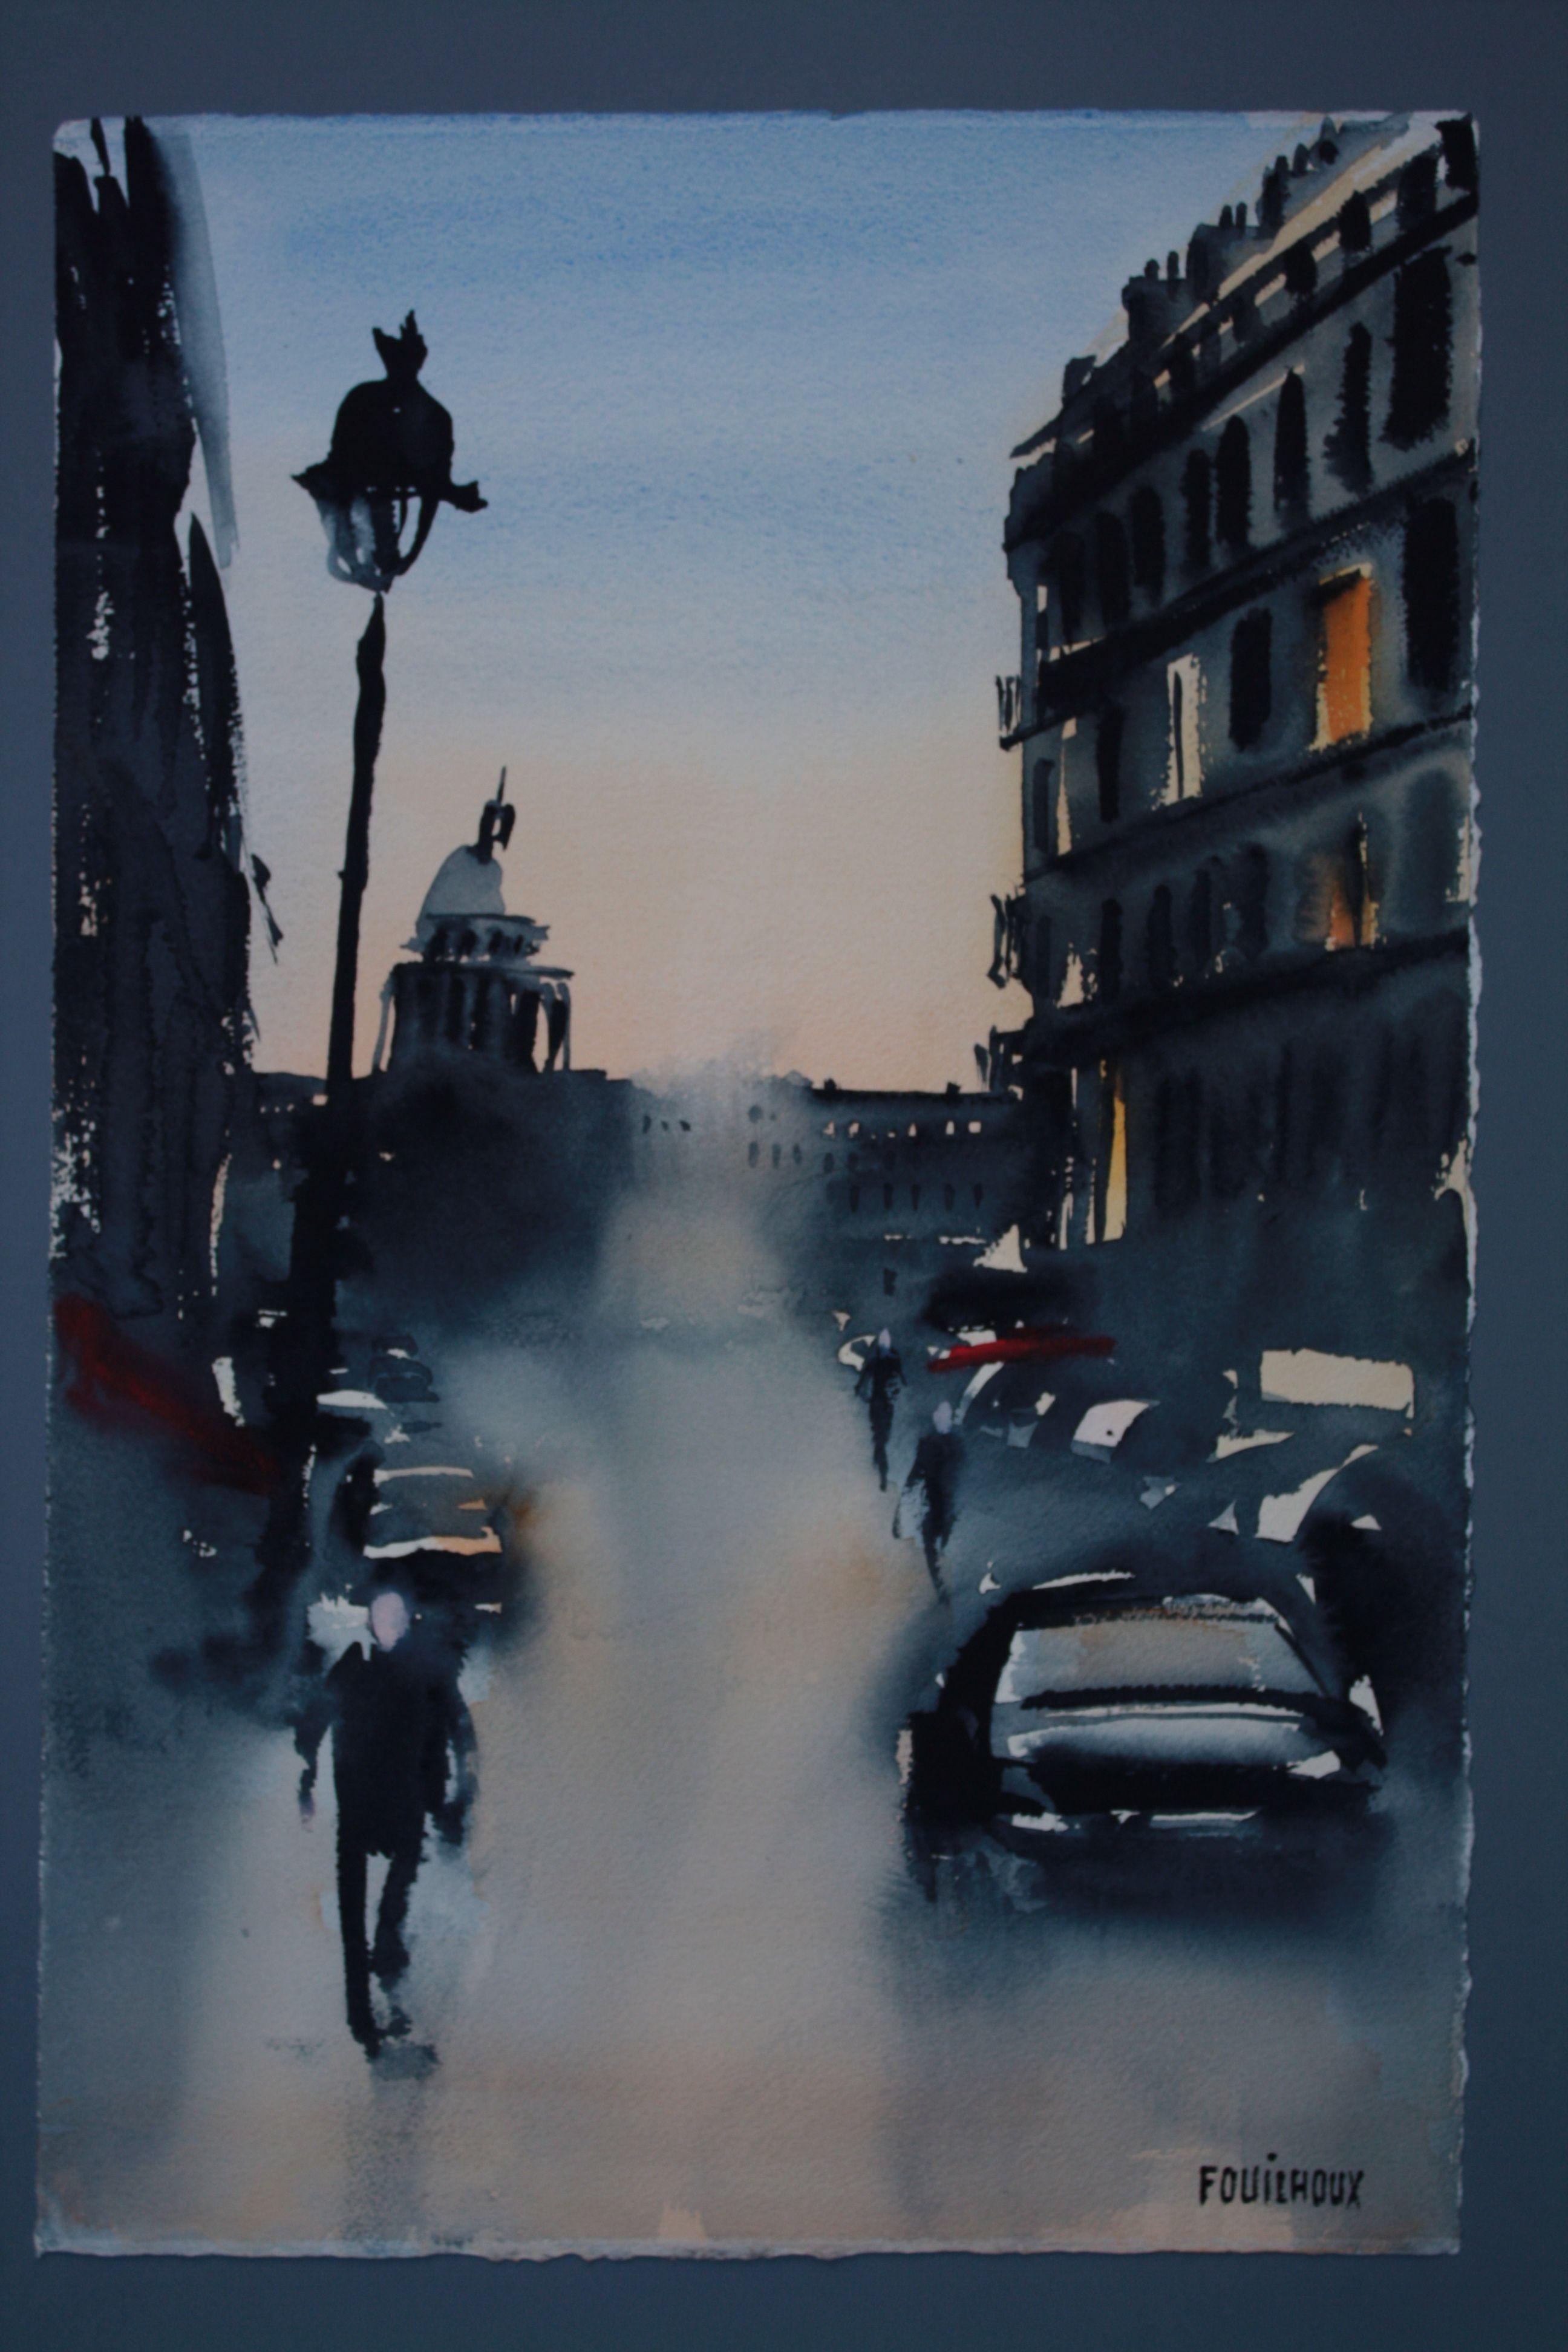 Patrick Fouilhoux Serie Noire Cours De Peinture Aquarellistes